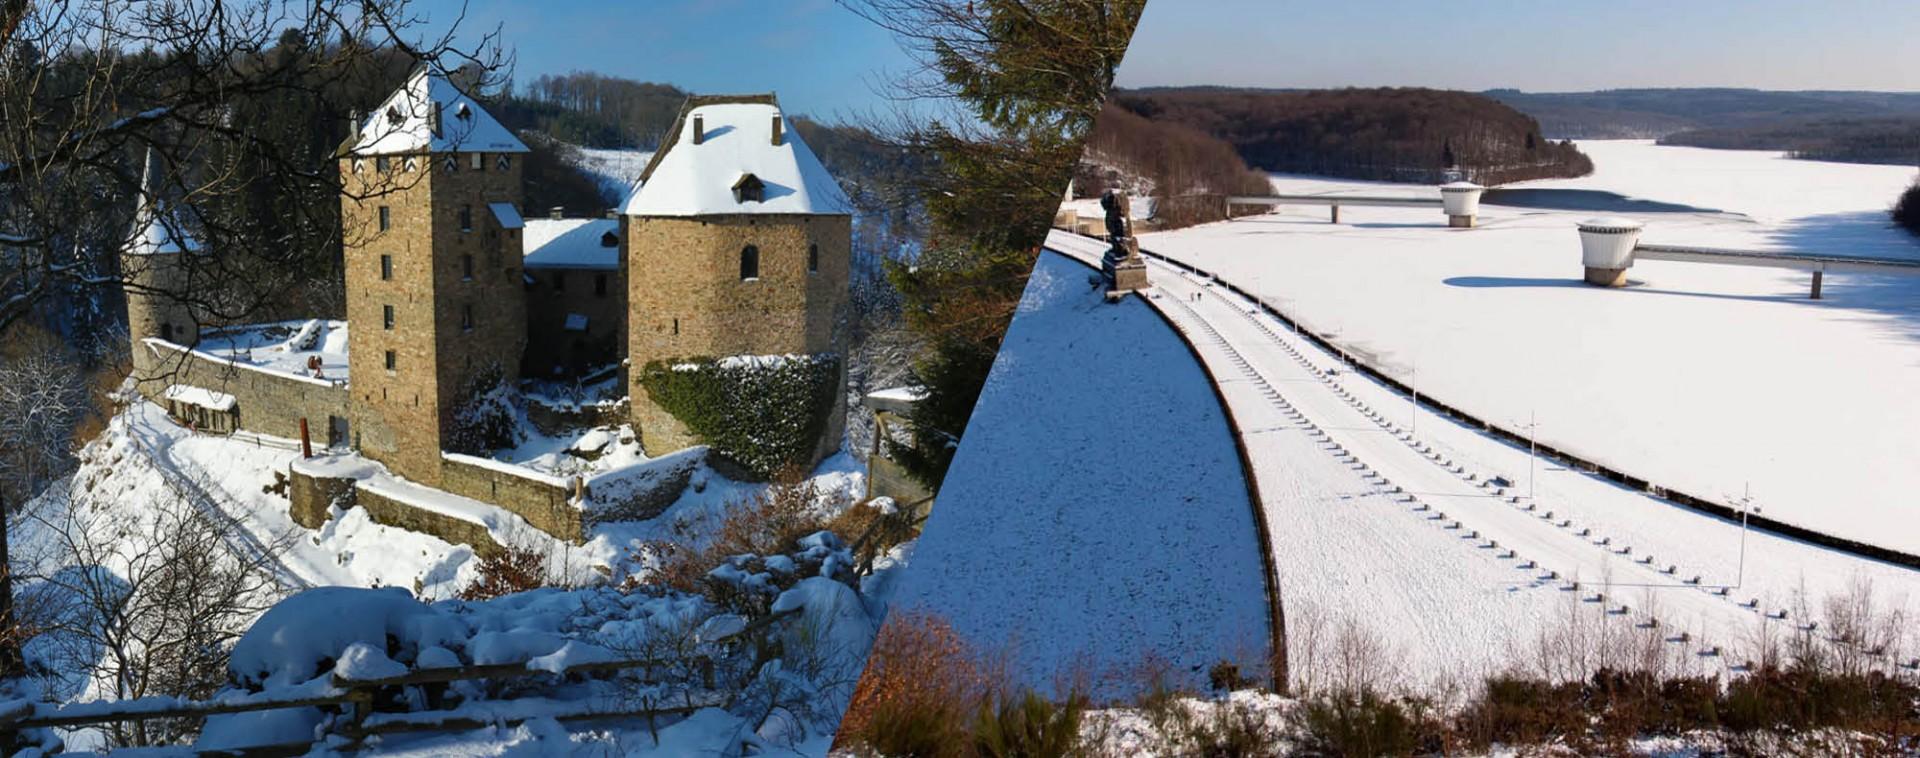 Notre destination province de Liège - hiver